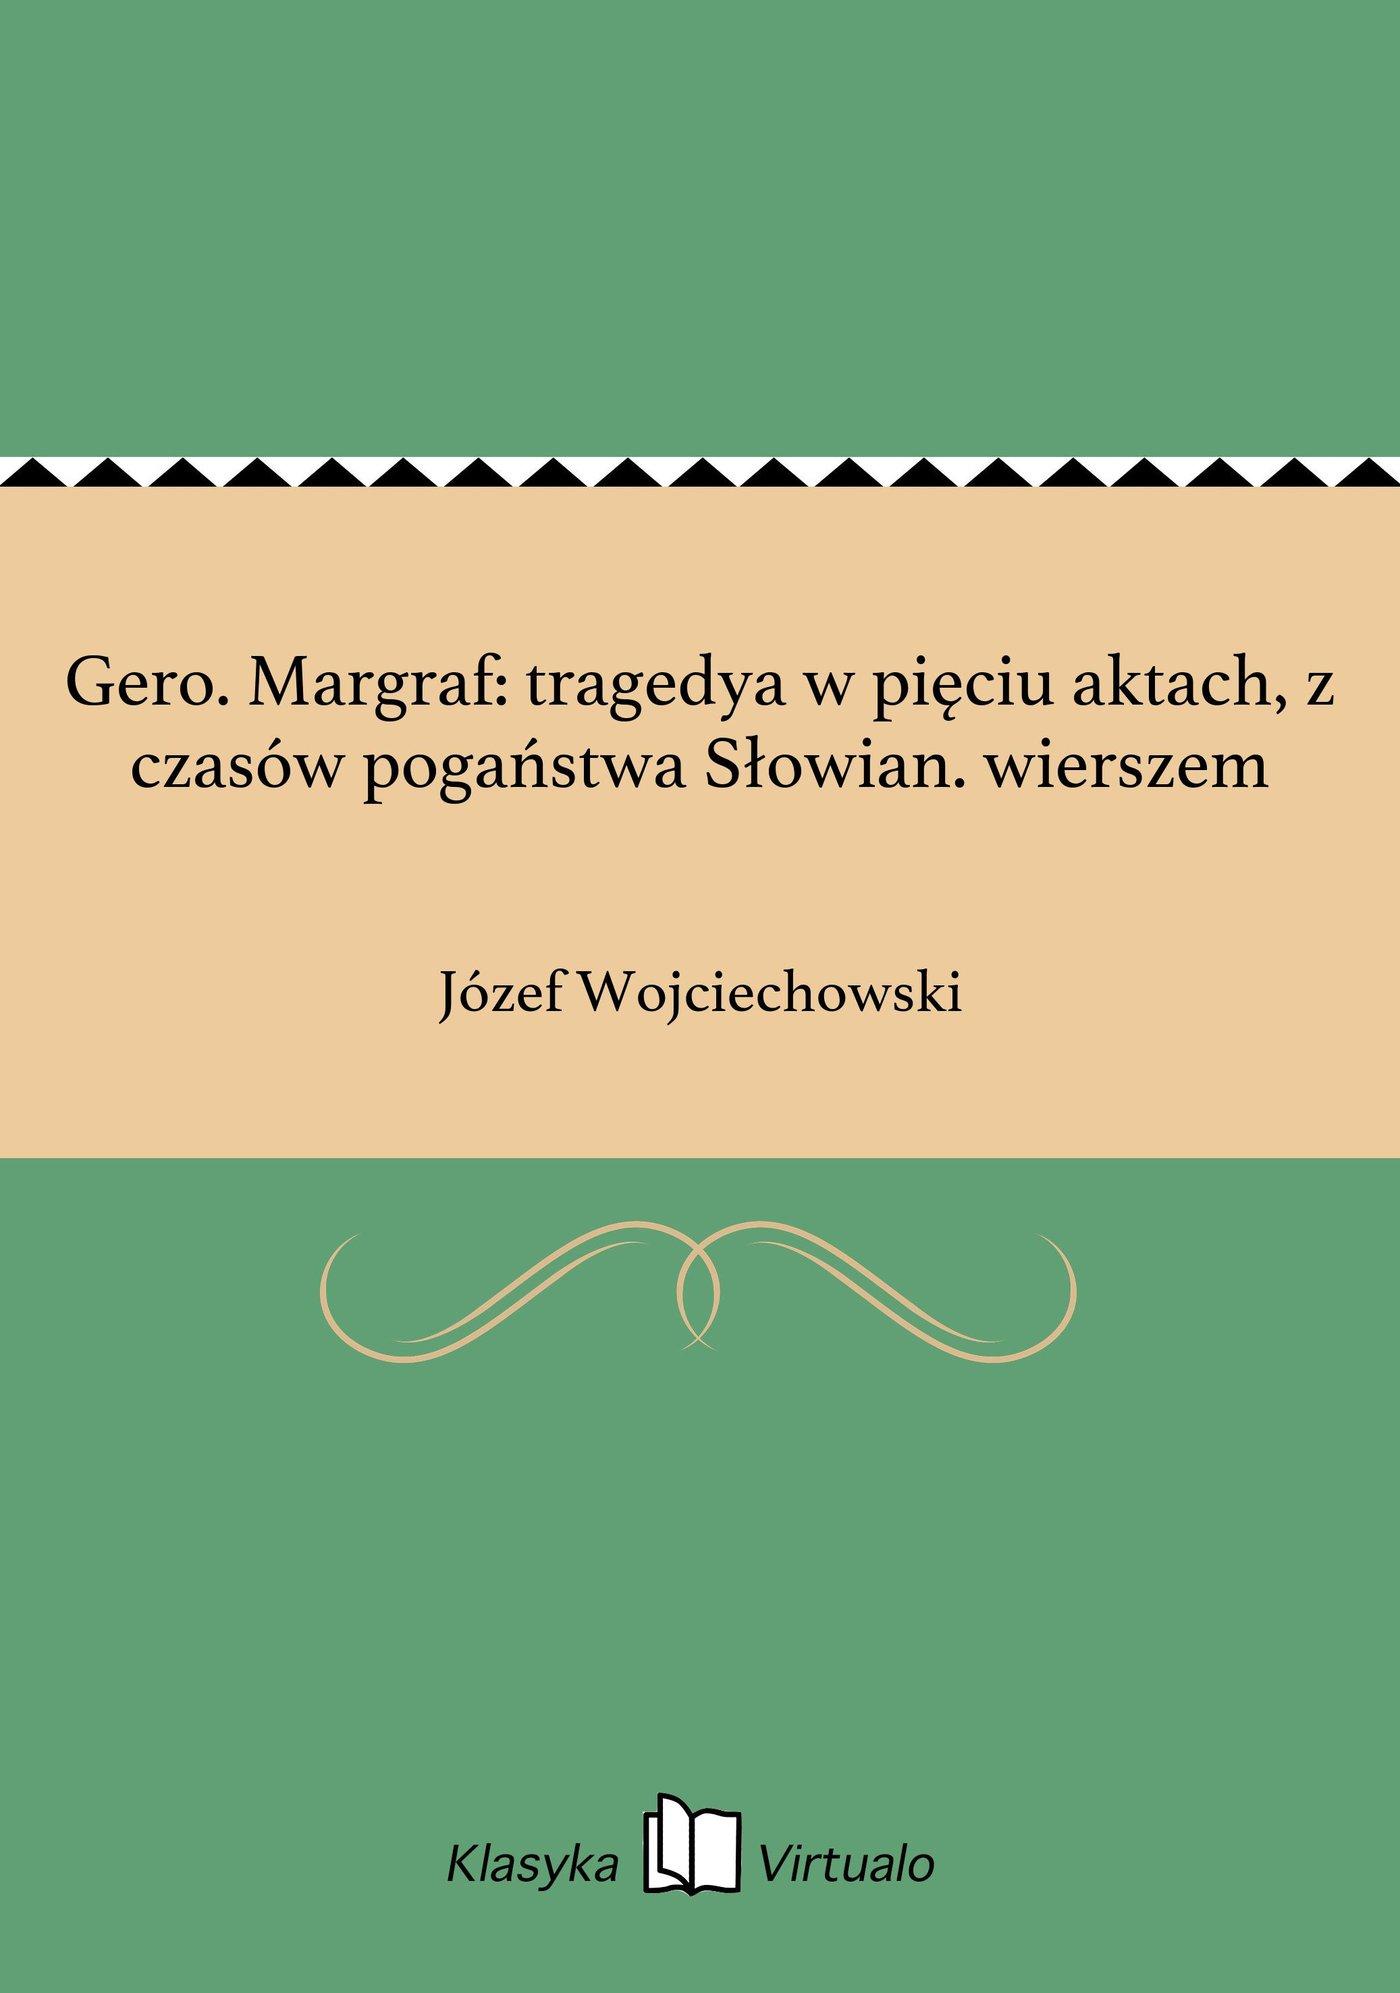 Gero. Margraf: tragedya w pięciu aktach, z czasów pogaństwa Słowian. wierszem - Ebook (Książka EPUB) do pobrania w formacie EPUB